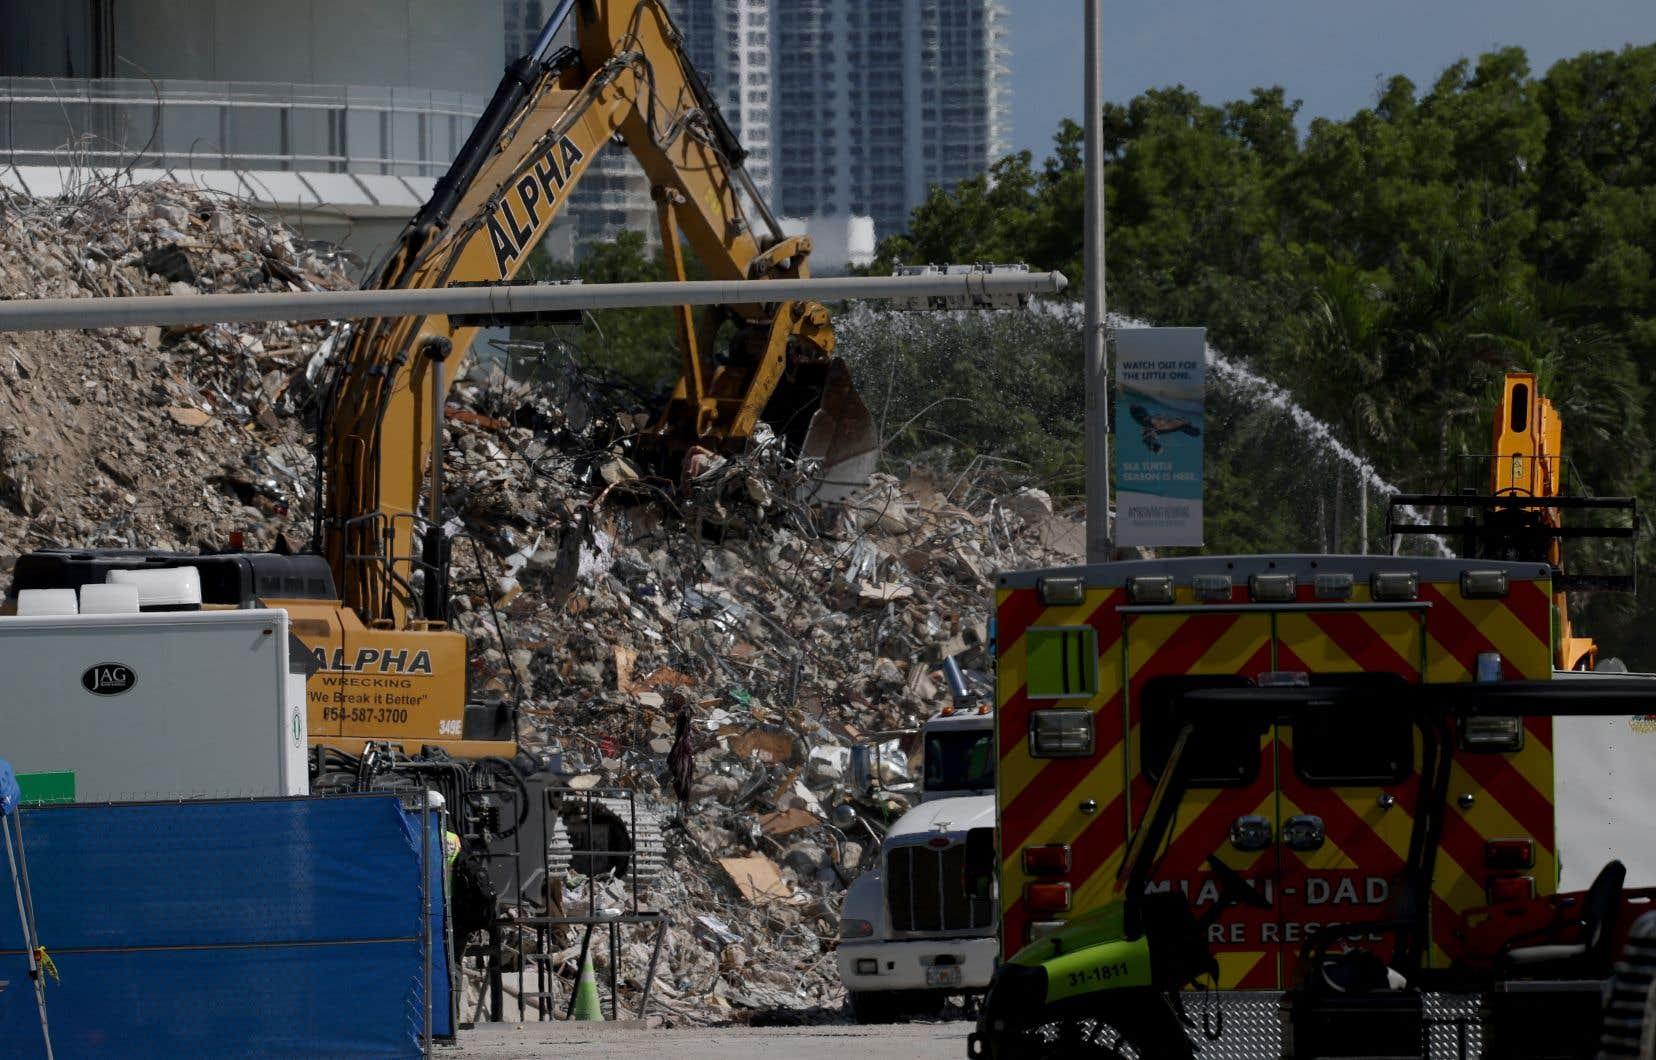 Le Champlain Towers South, immeuble de 12 étages construit sur le front de mer de Surfside, au nord de Miami, s'est partiellement écroulé le 24juin dans la nuit pour une raison encore inconnue.